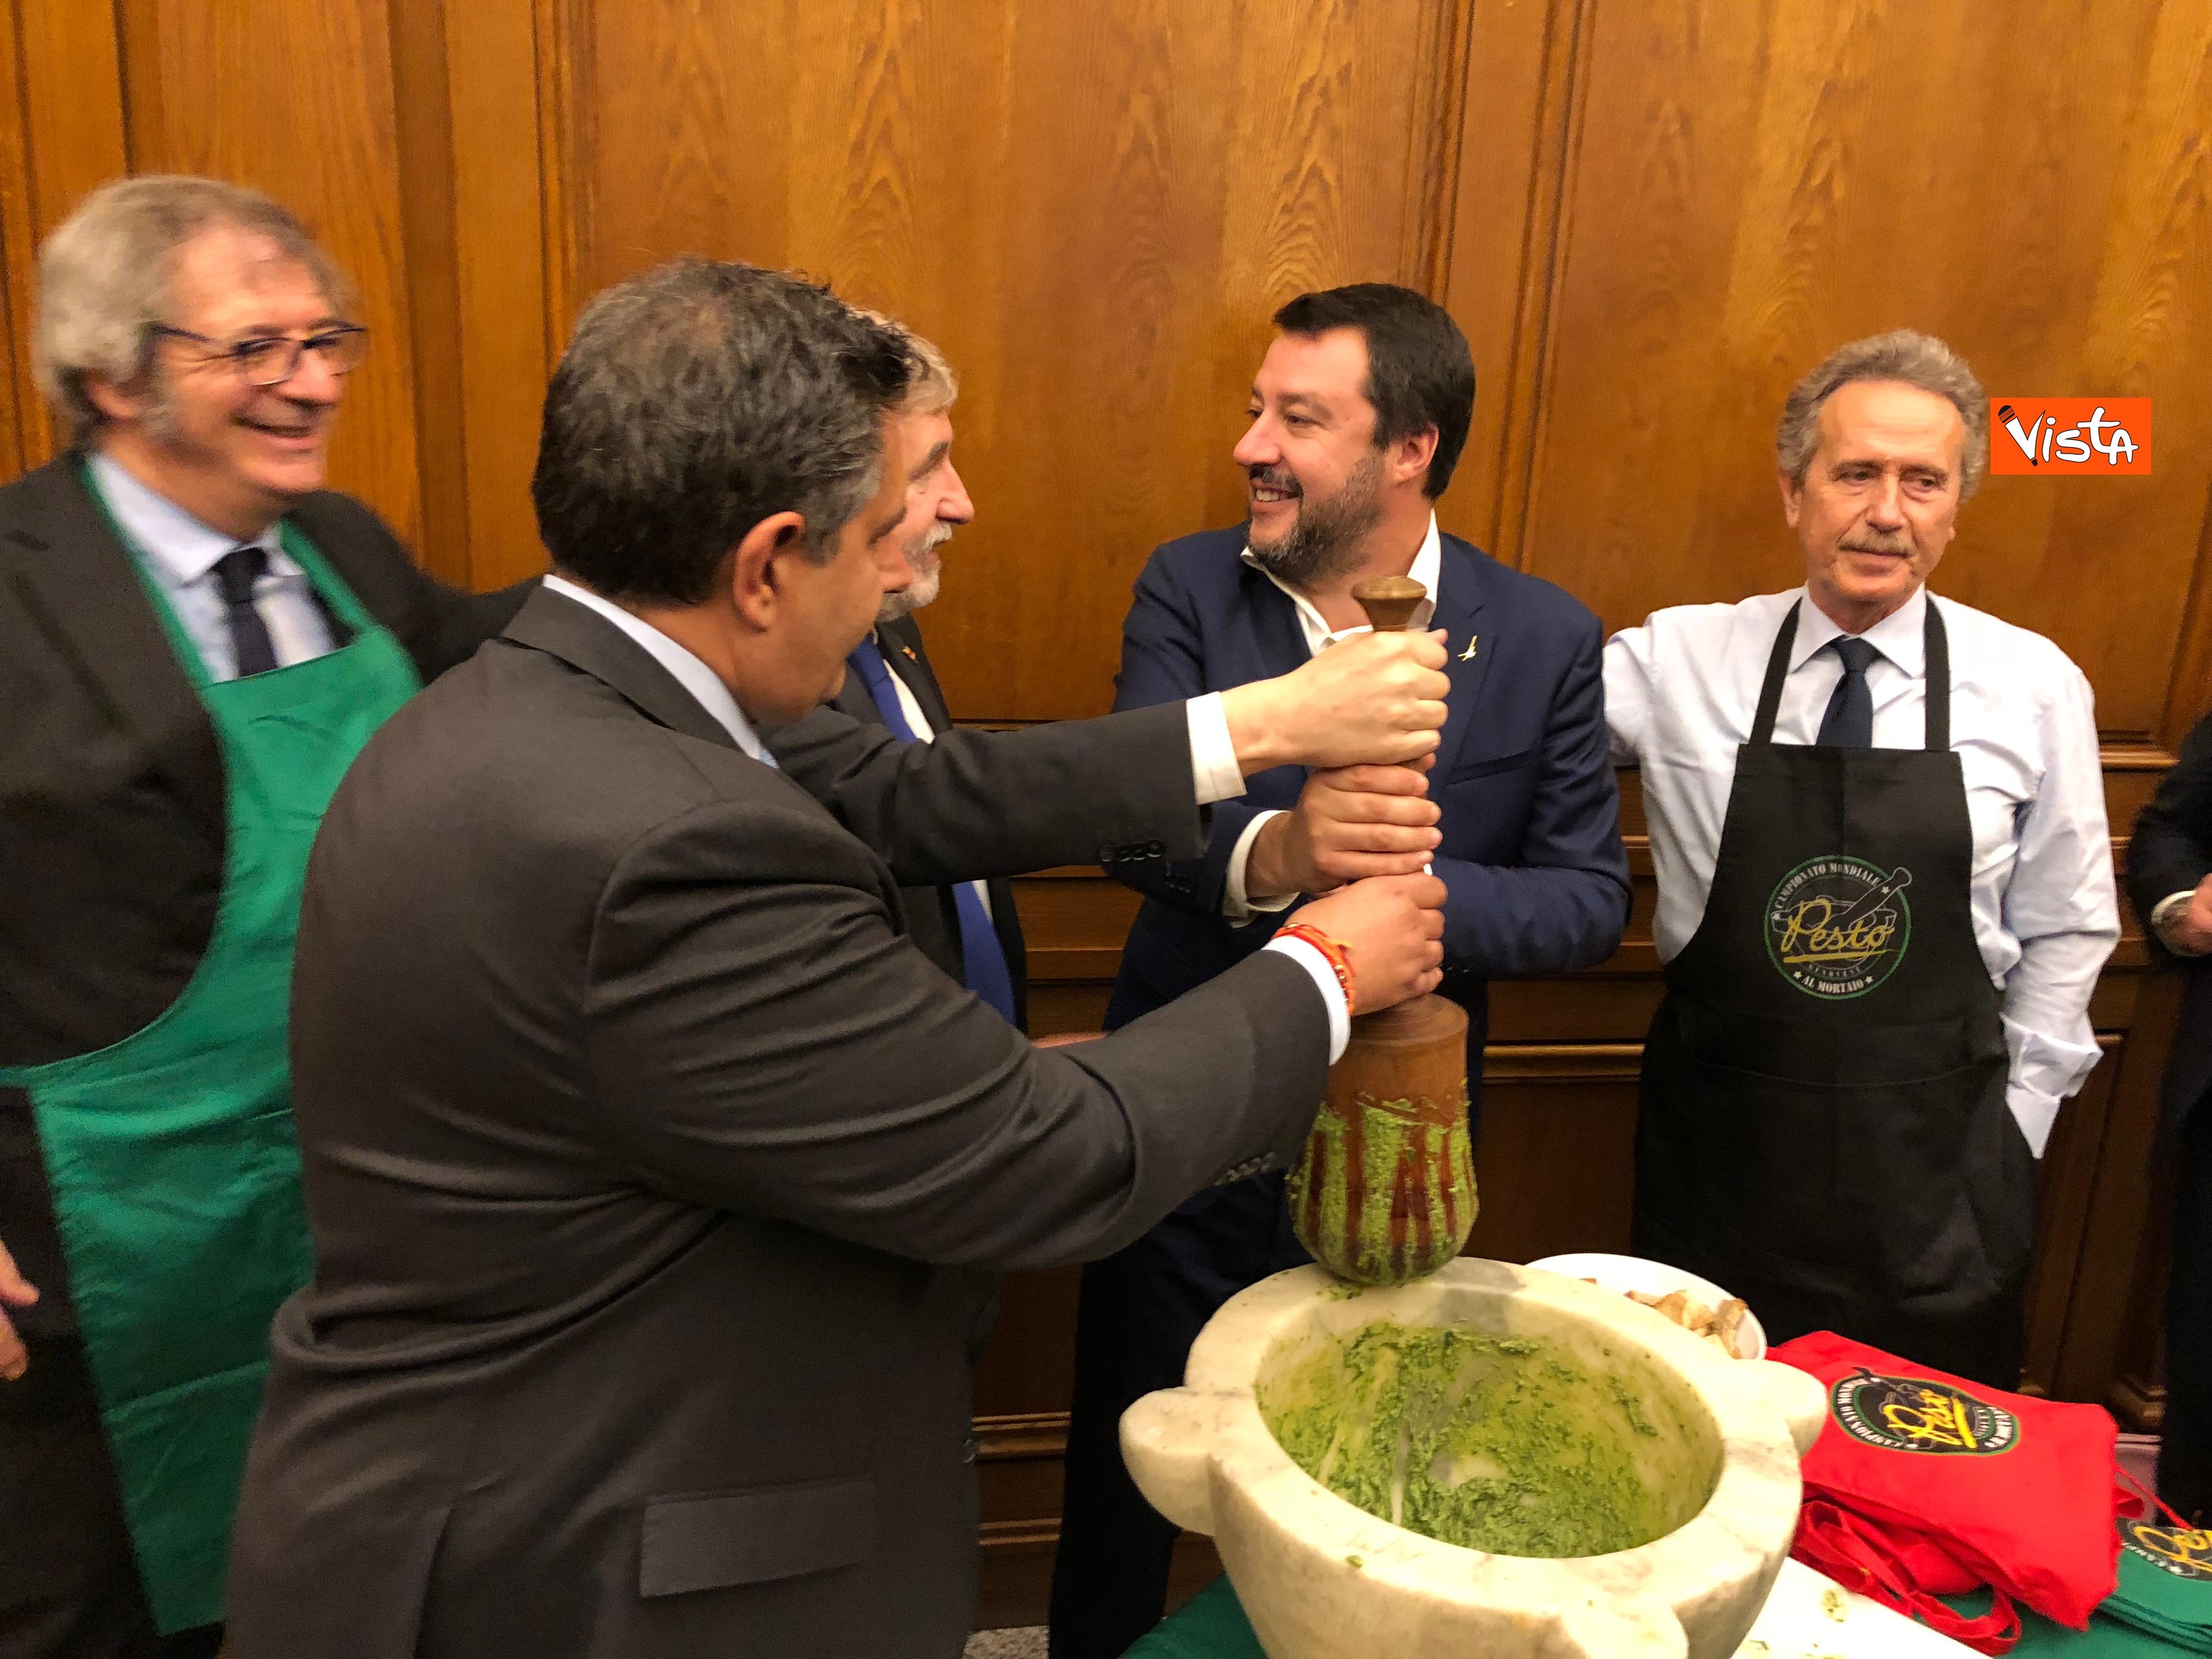 16-04-19 Il patto del pesto Conte Salvini e Toti mangiano le trofie a Montecitorio_03